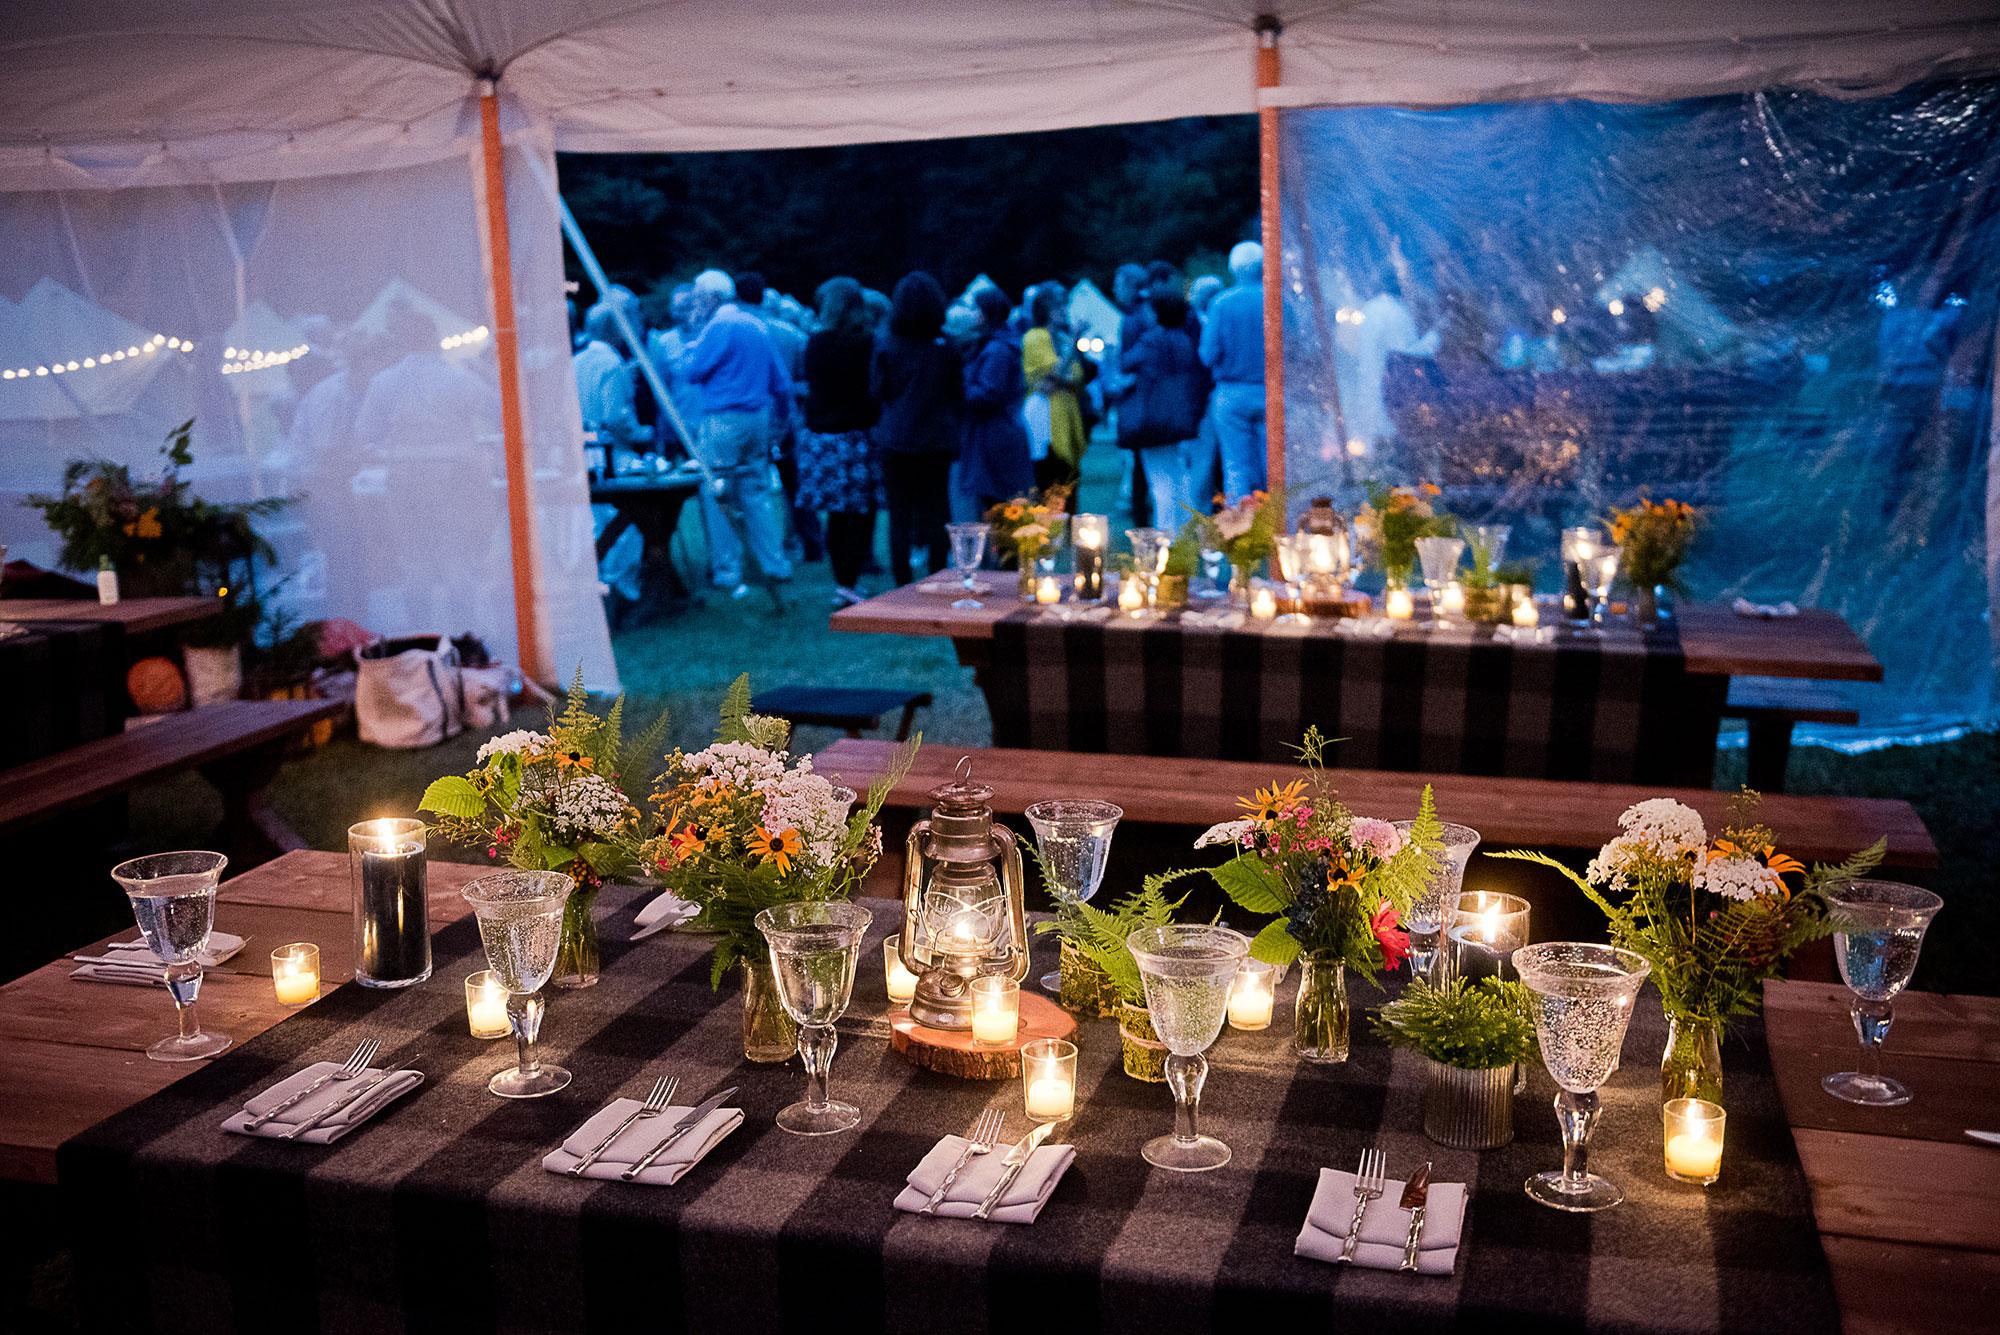 plaid_table_cloths_reclaimed_wood_wedding_table.jpg